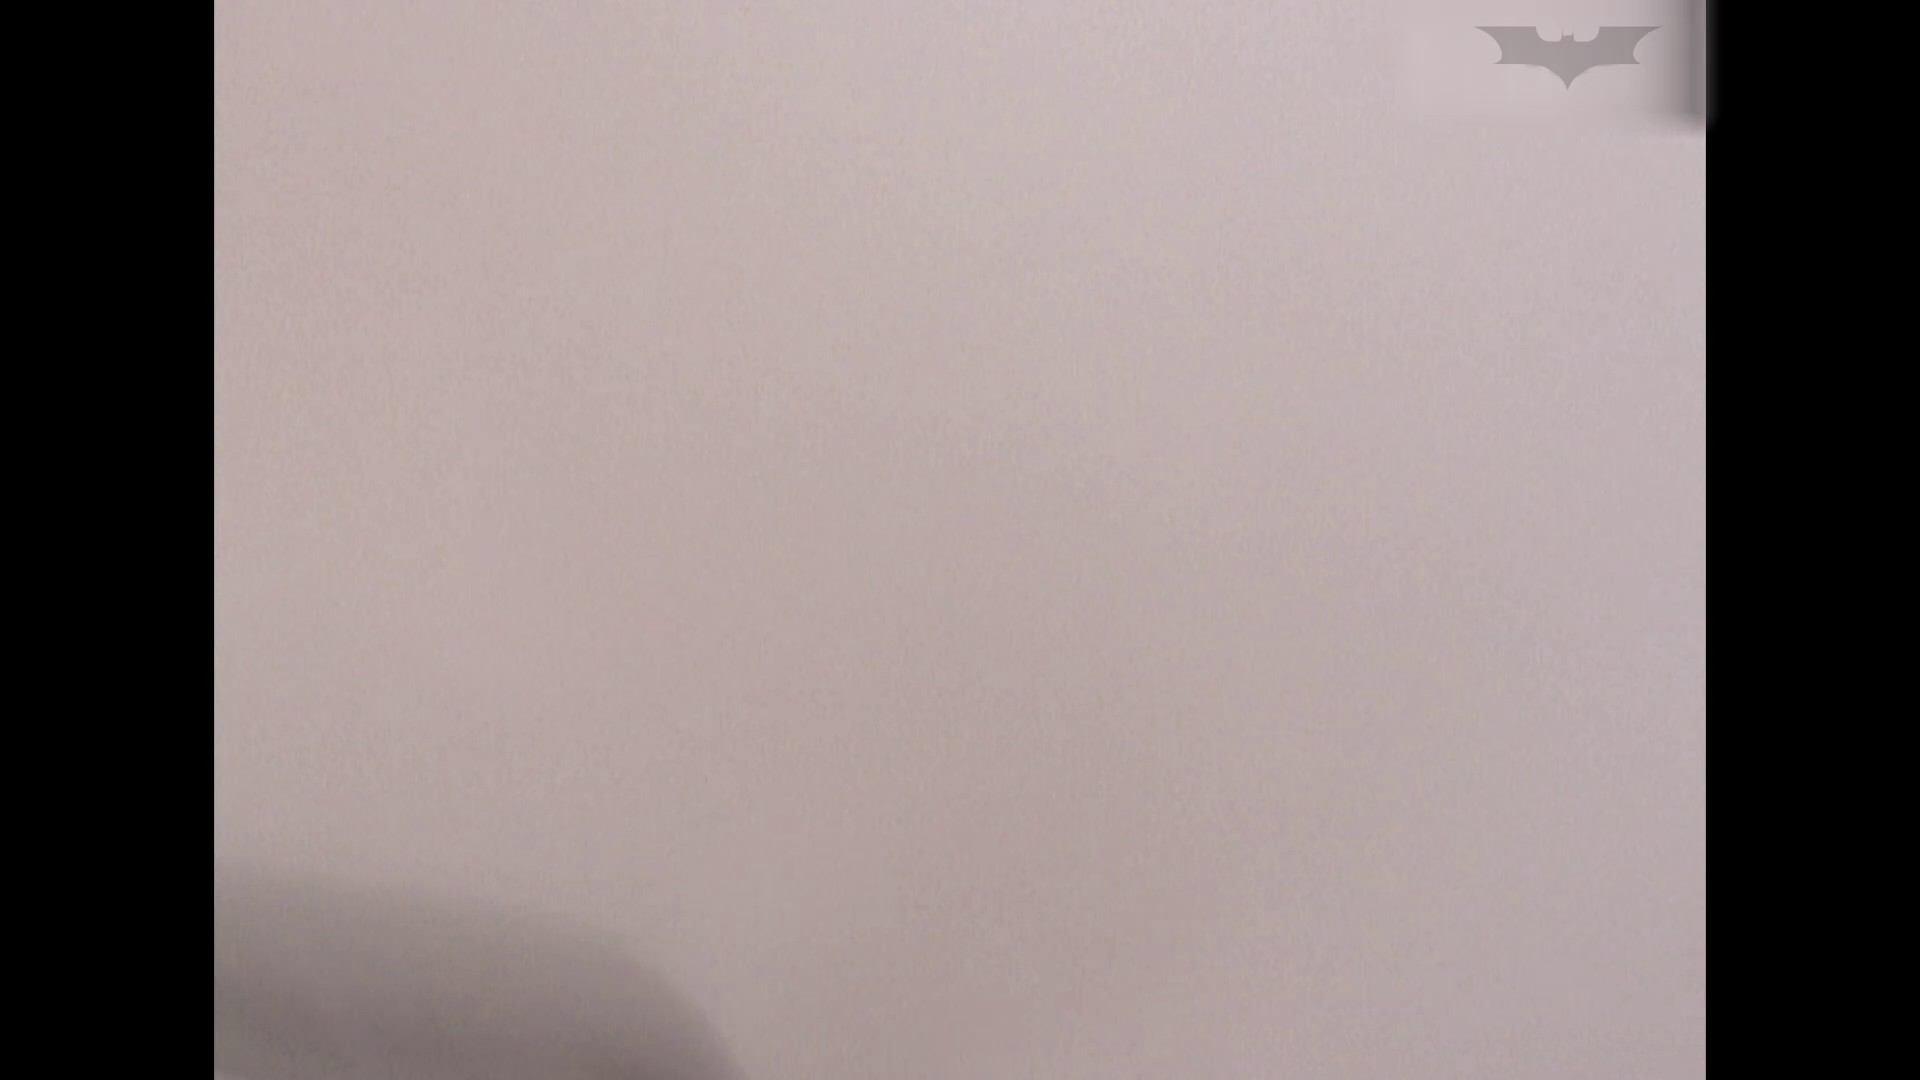 ピカ満グロ満KAWAYA物語 期間限定神キタ!ツルピカの放nyo!Vol.22 うんこ  66PIX 42